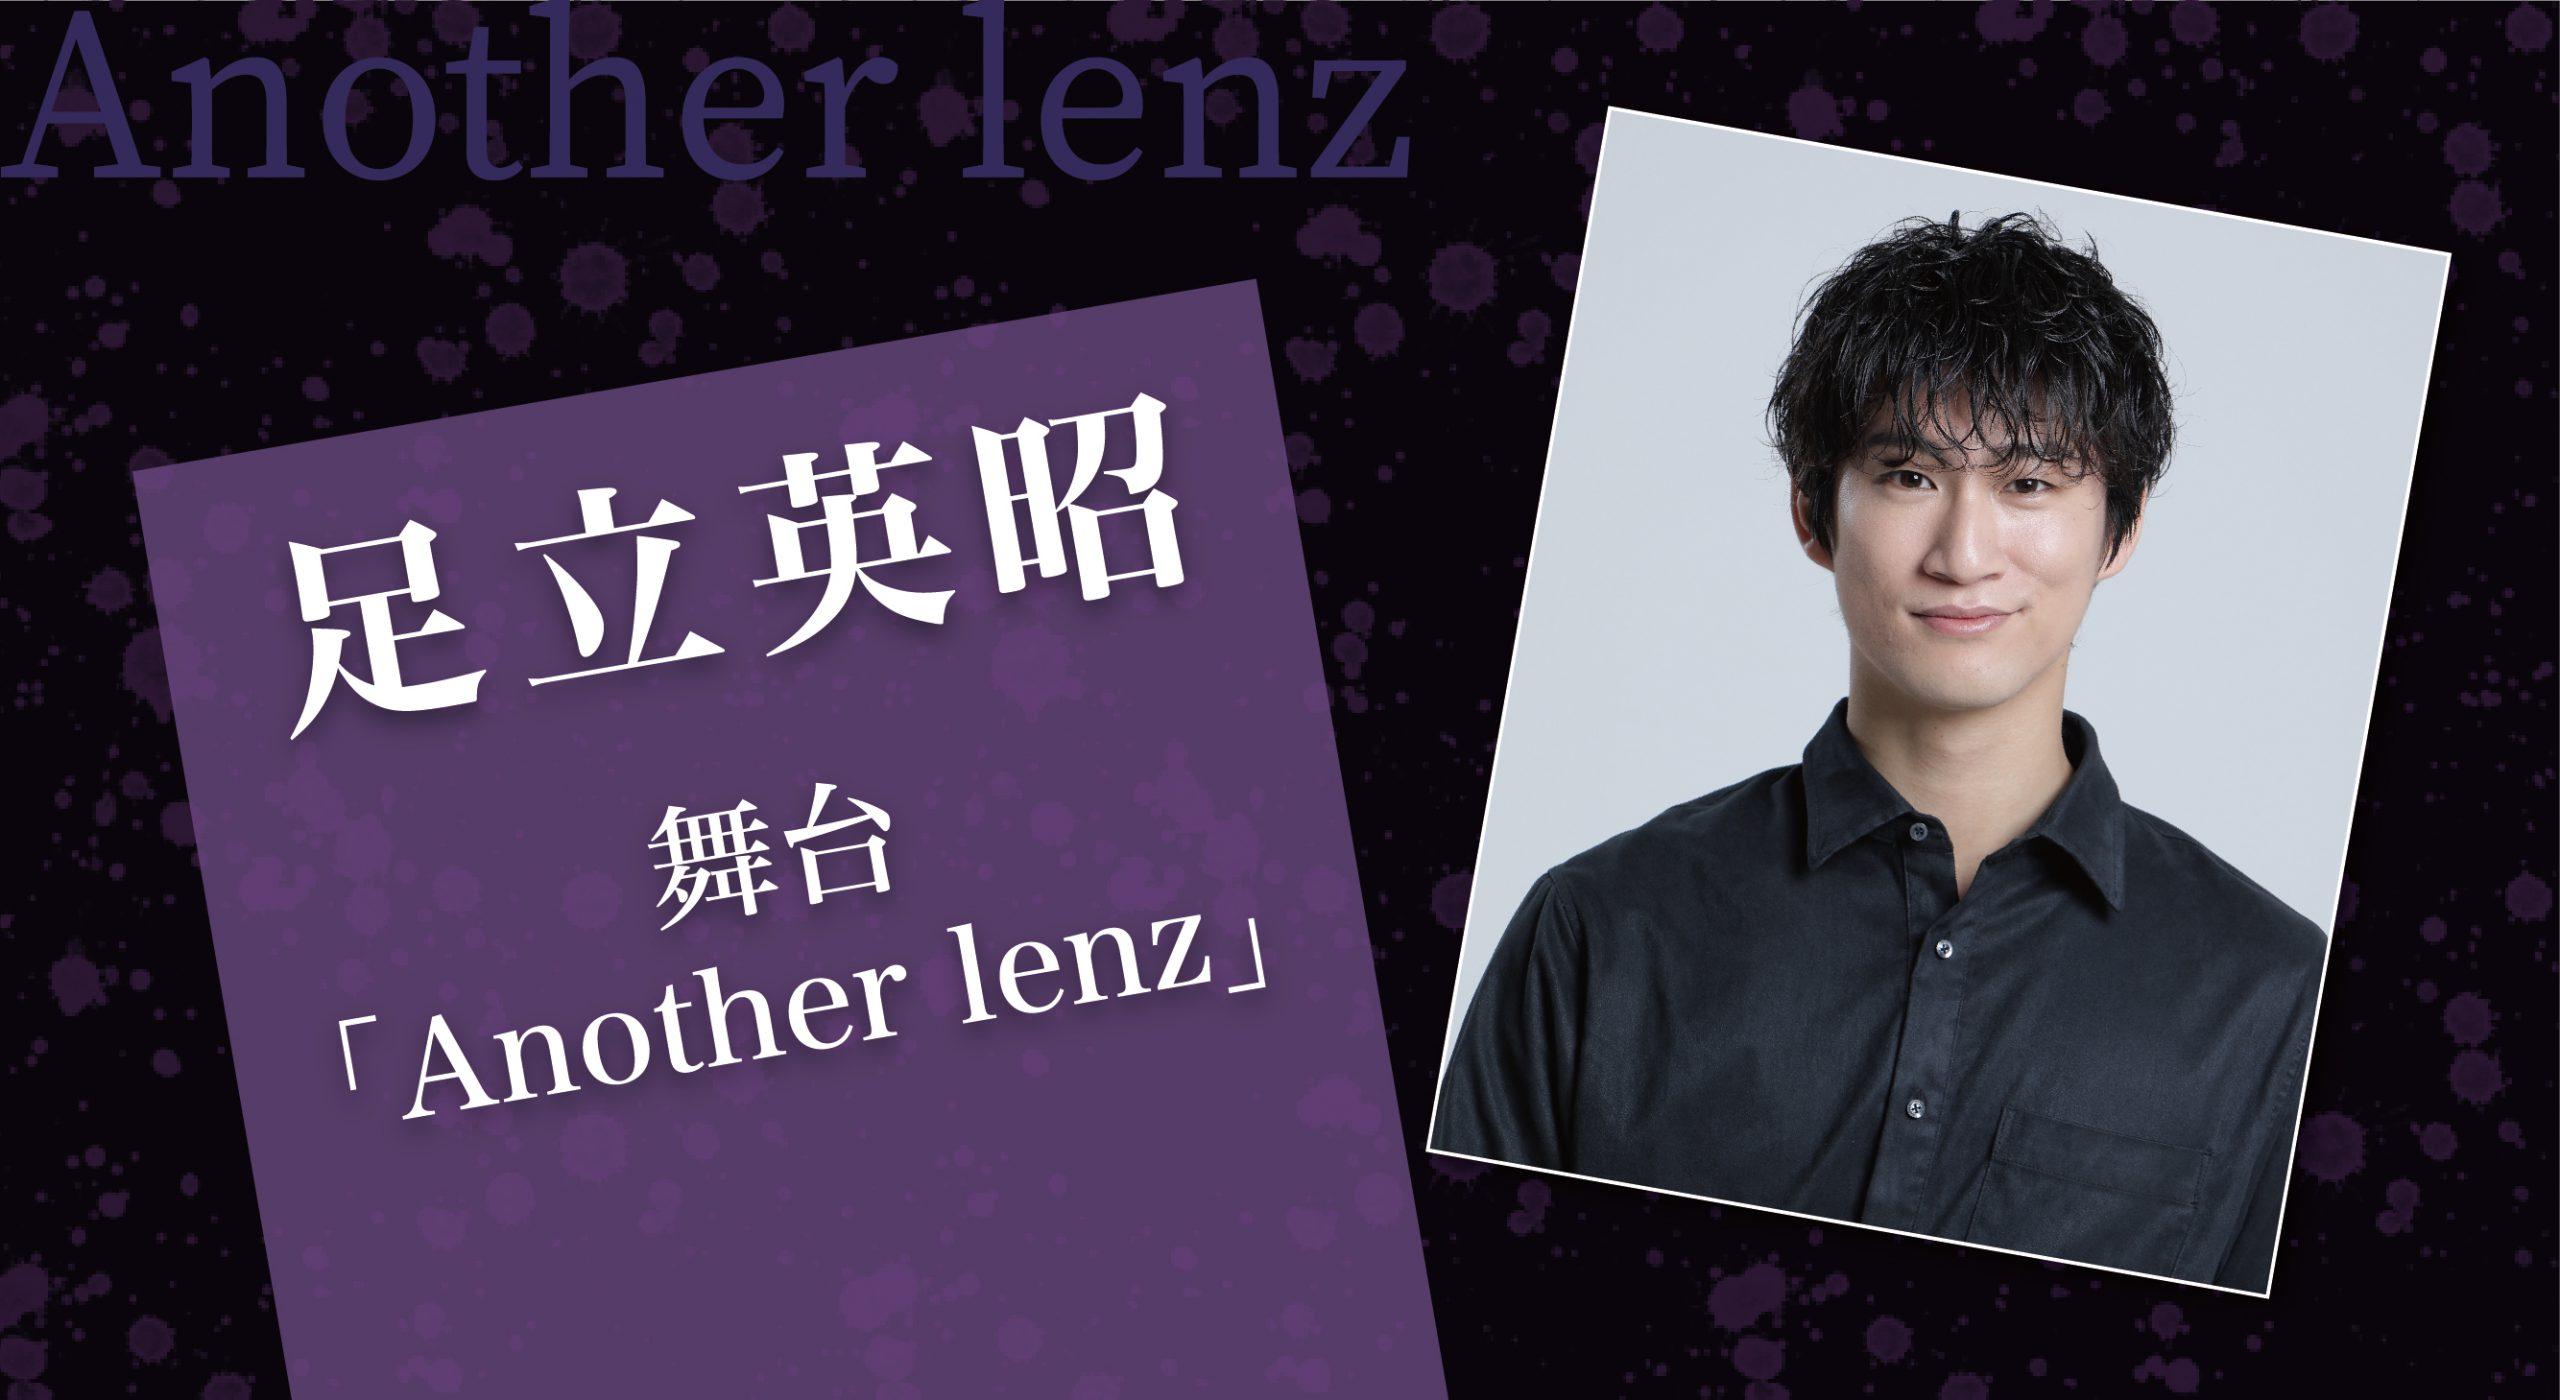 足立英昭 舞台「Another lenz」